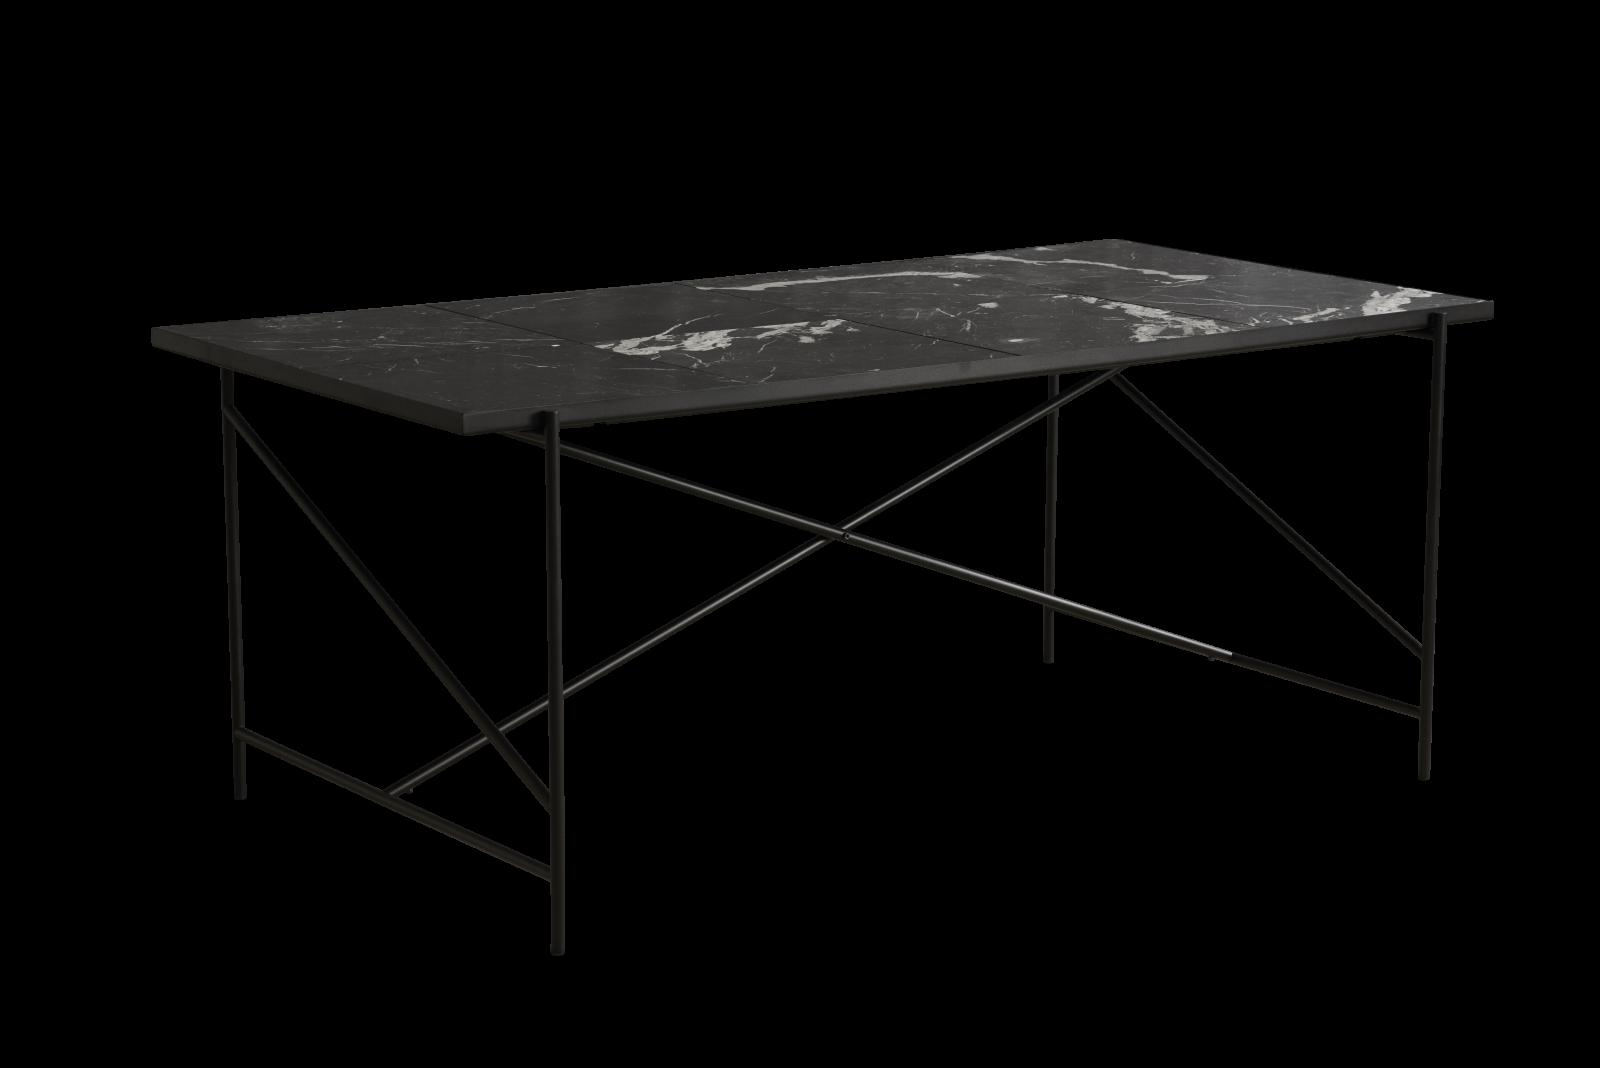 Handvärk Dining Table Black Marble, Black Base, 185 cm